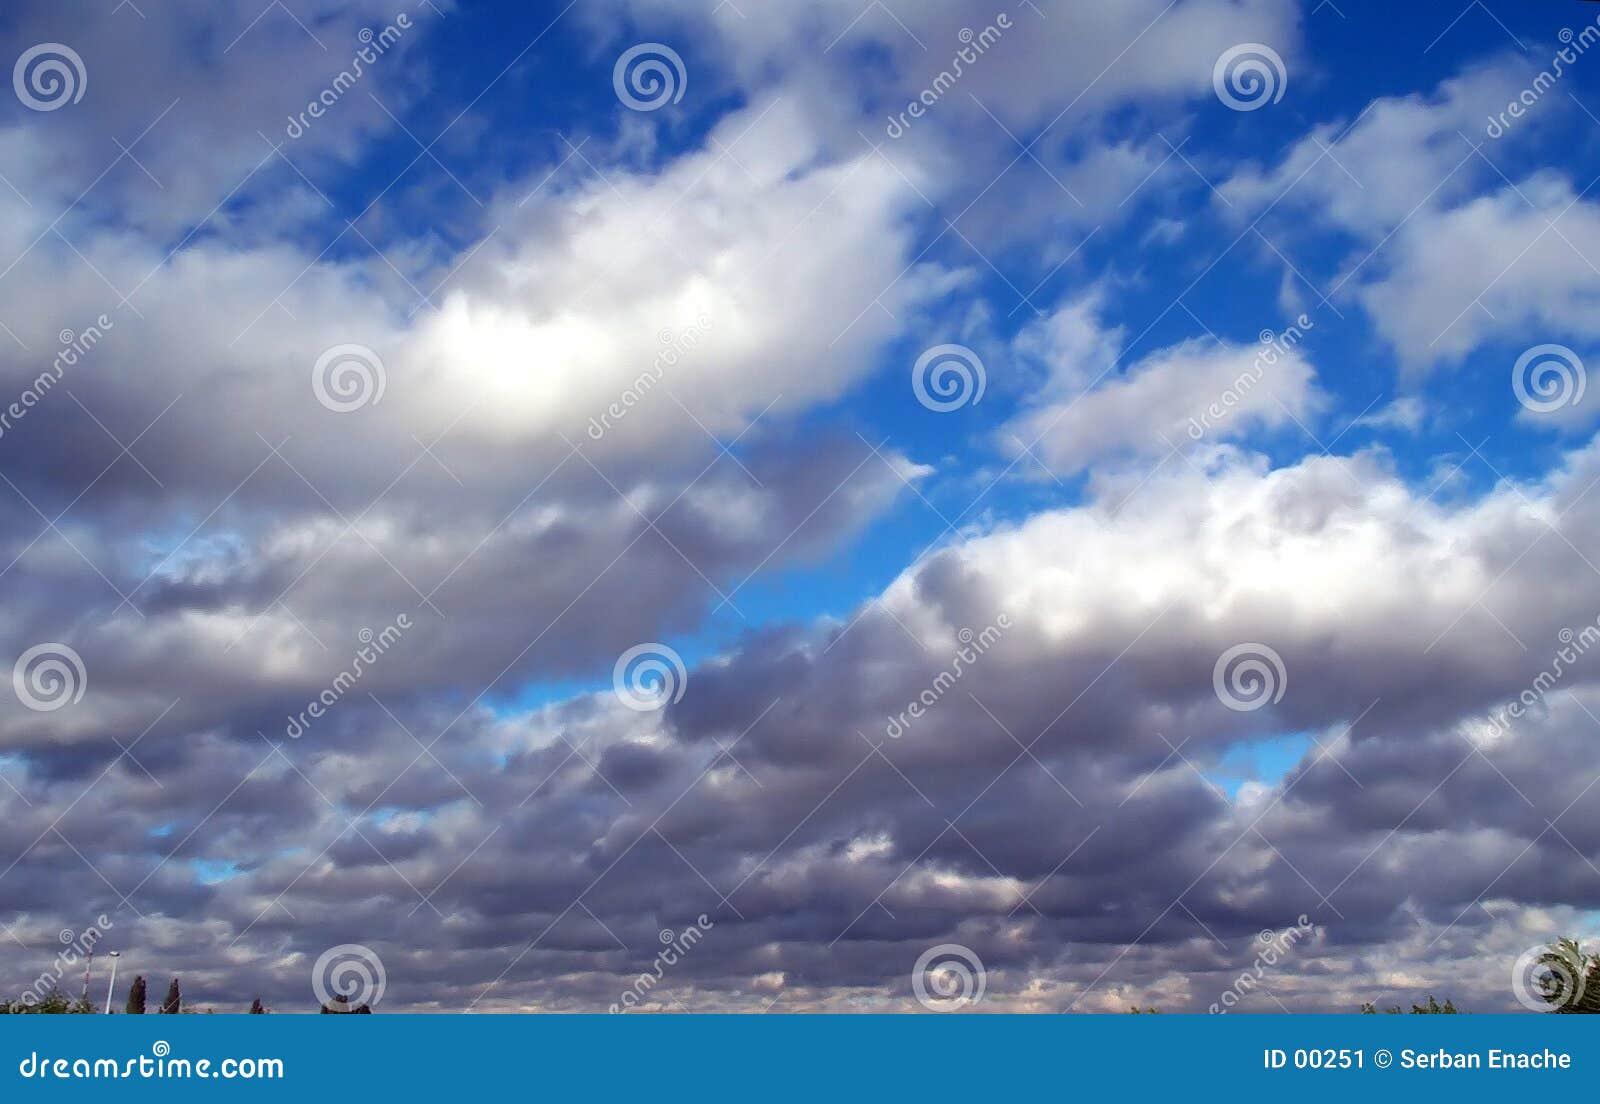 θύελλα σύννεφων